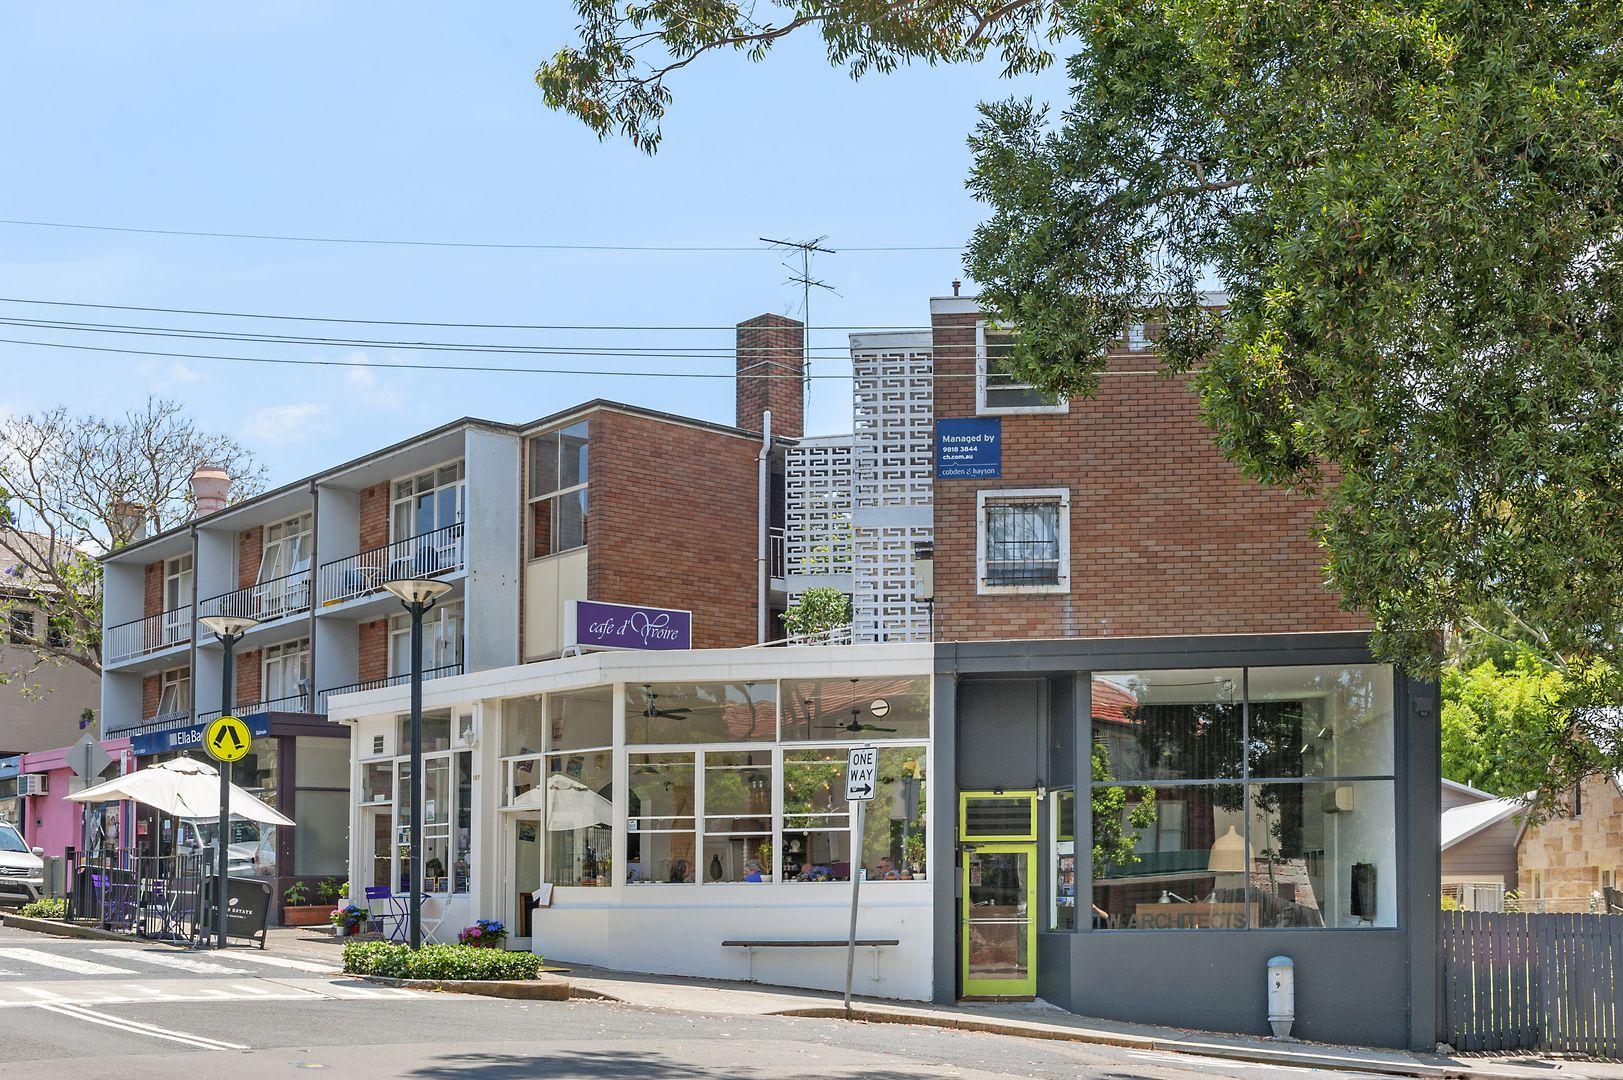 3/189 Darling Street, Balmain NSW 2041, Image 0